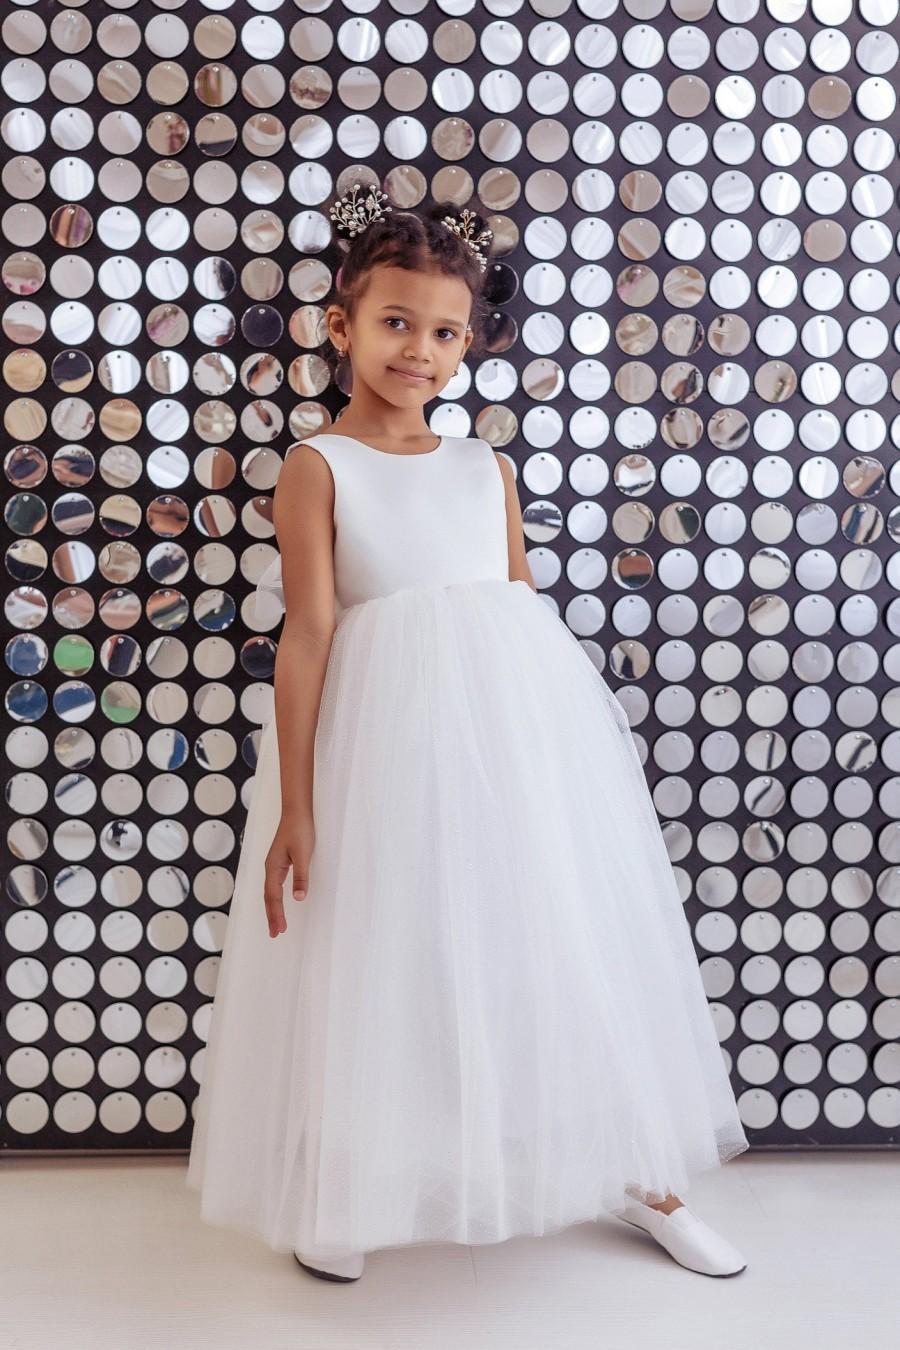 Wedding - Flower Girl Dress, Flower Girl Dresses, Ivory Flower Girl Dress, Sparkly Flower Girl Dress, White Baby Dress, Wedding Dress for Girls, Dress